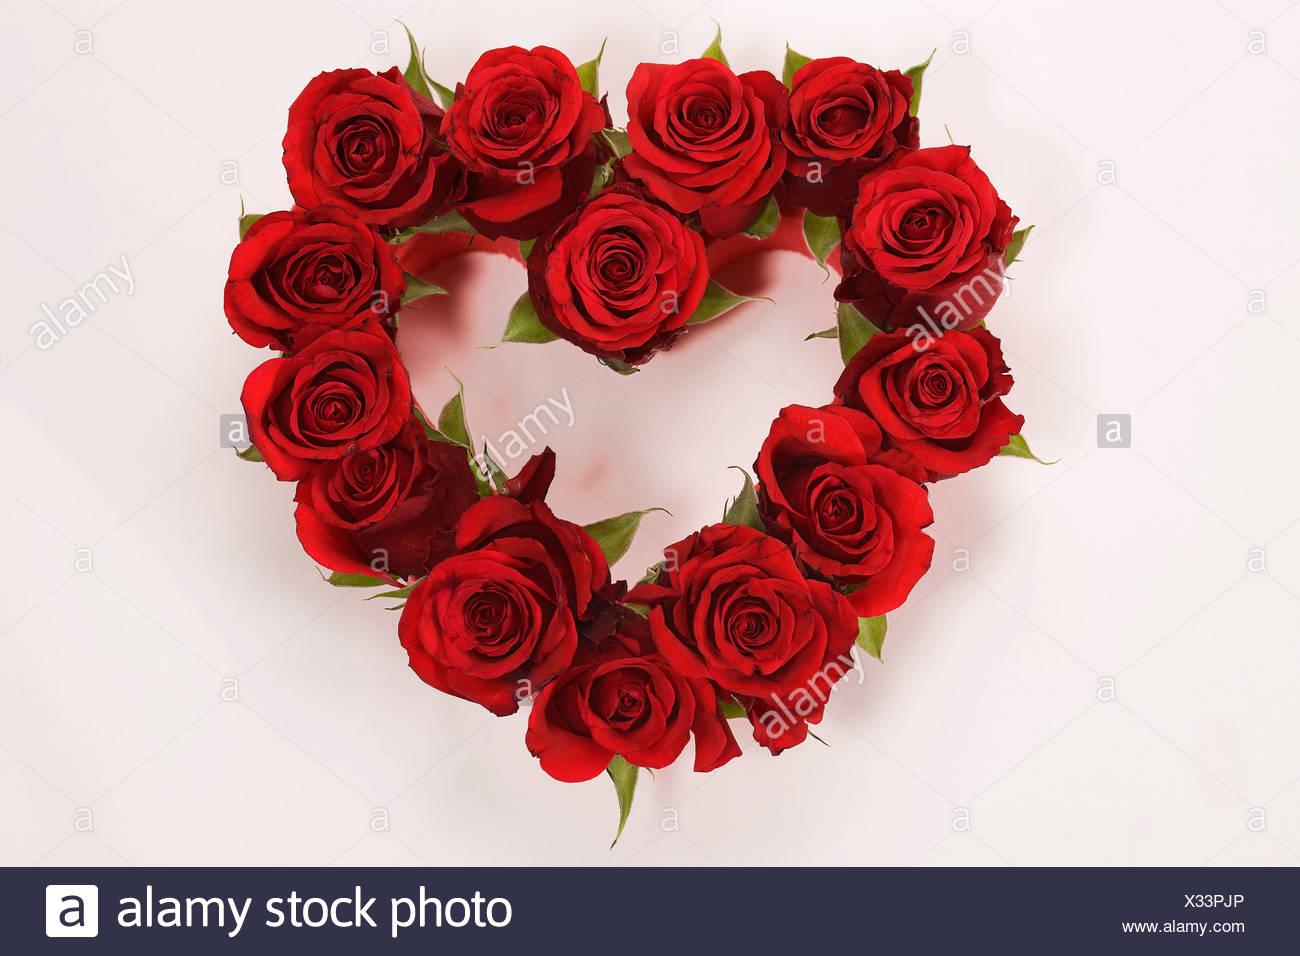 Genre Flower Flowers Gift Heart In Love Love Loving Red Rose Rose